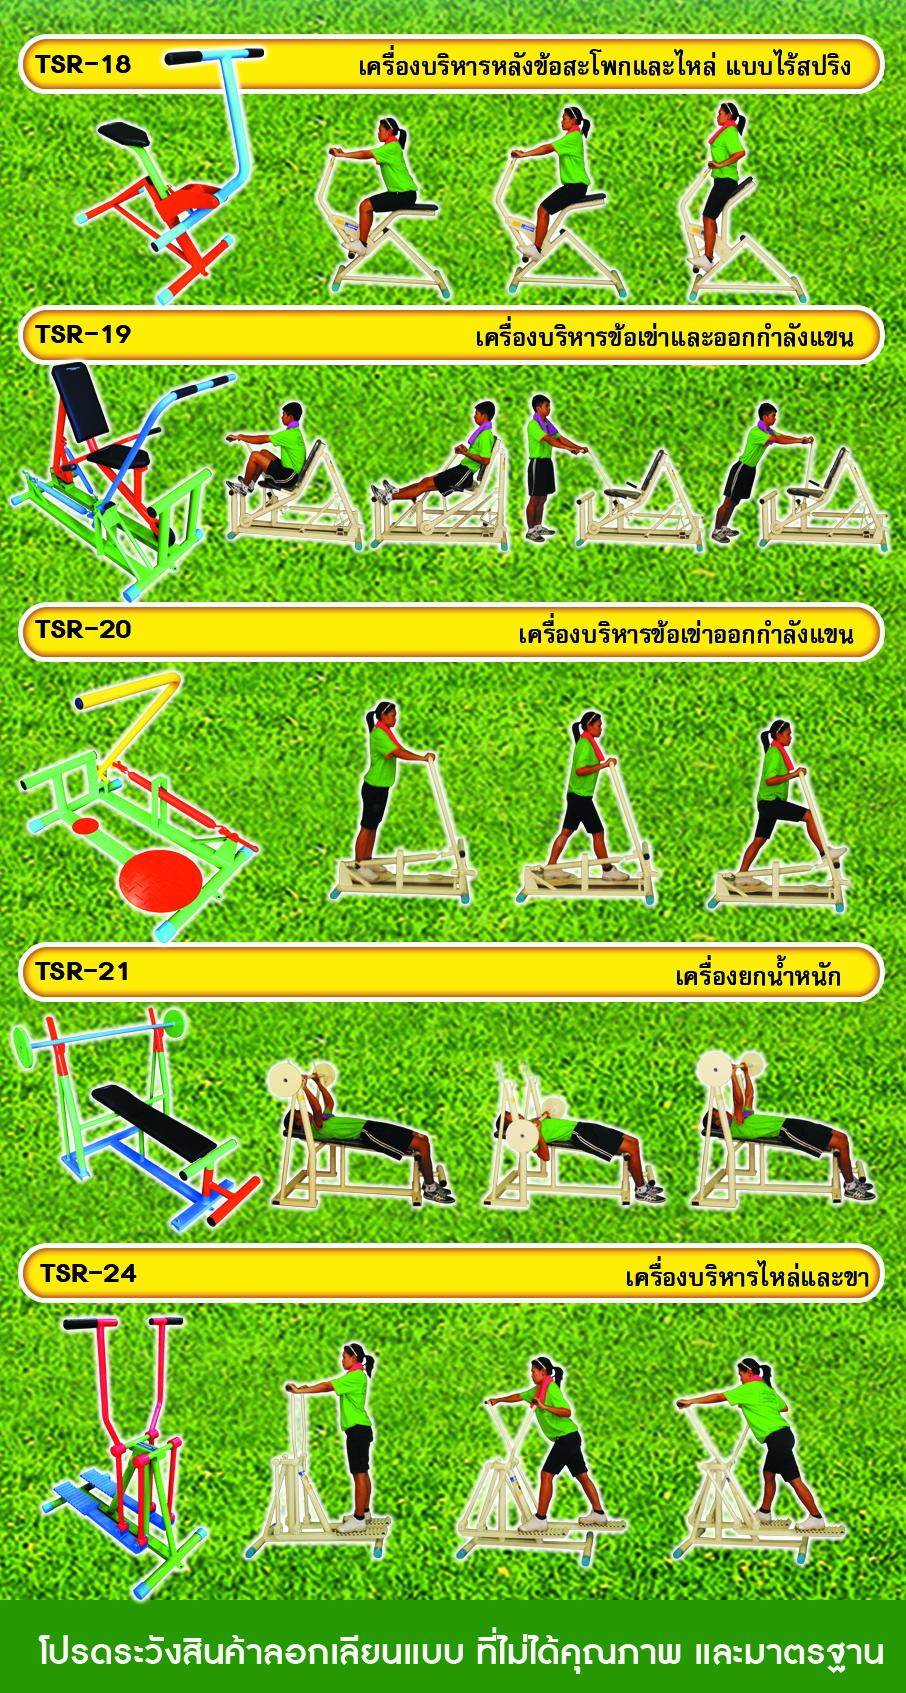 วิธีการเล่นเครื่องออกกำลังกาย-5